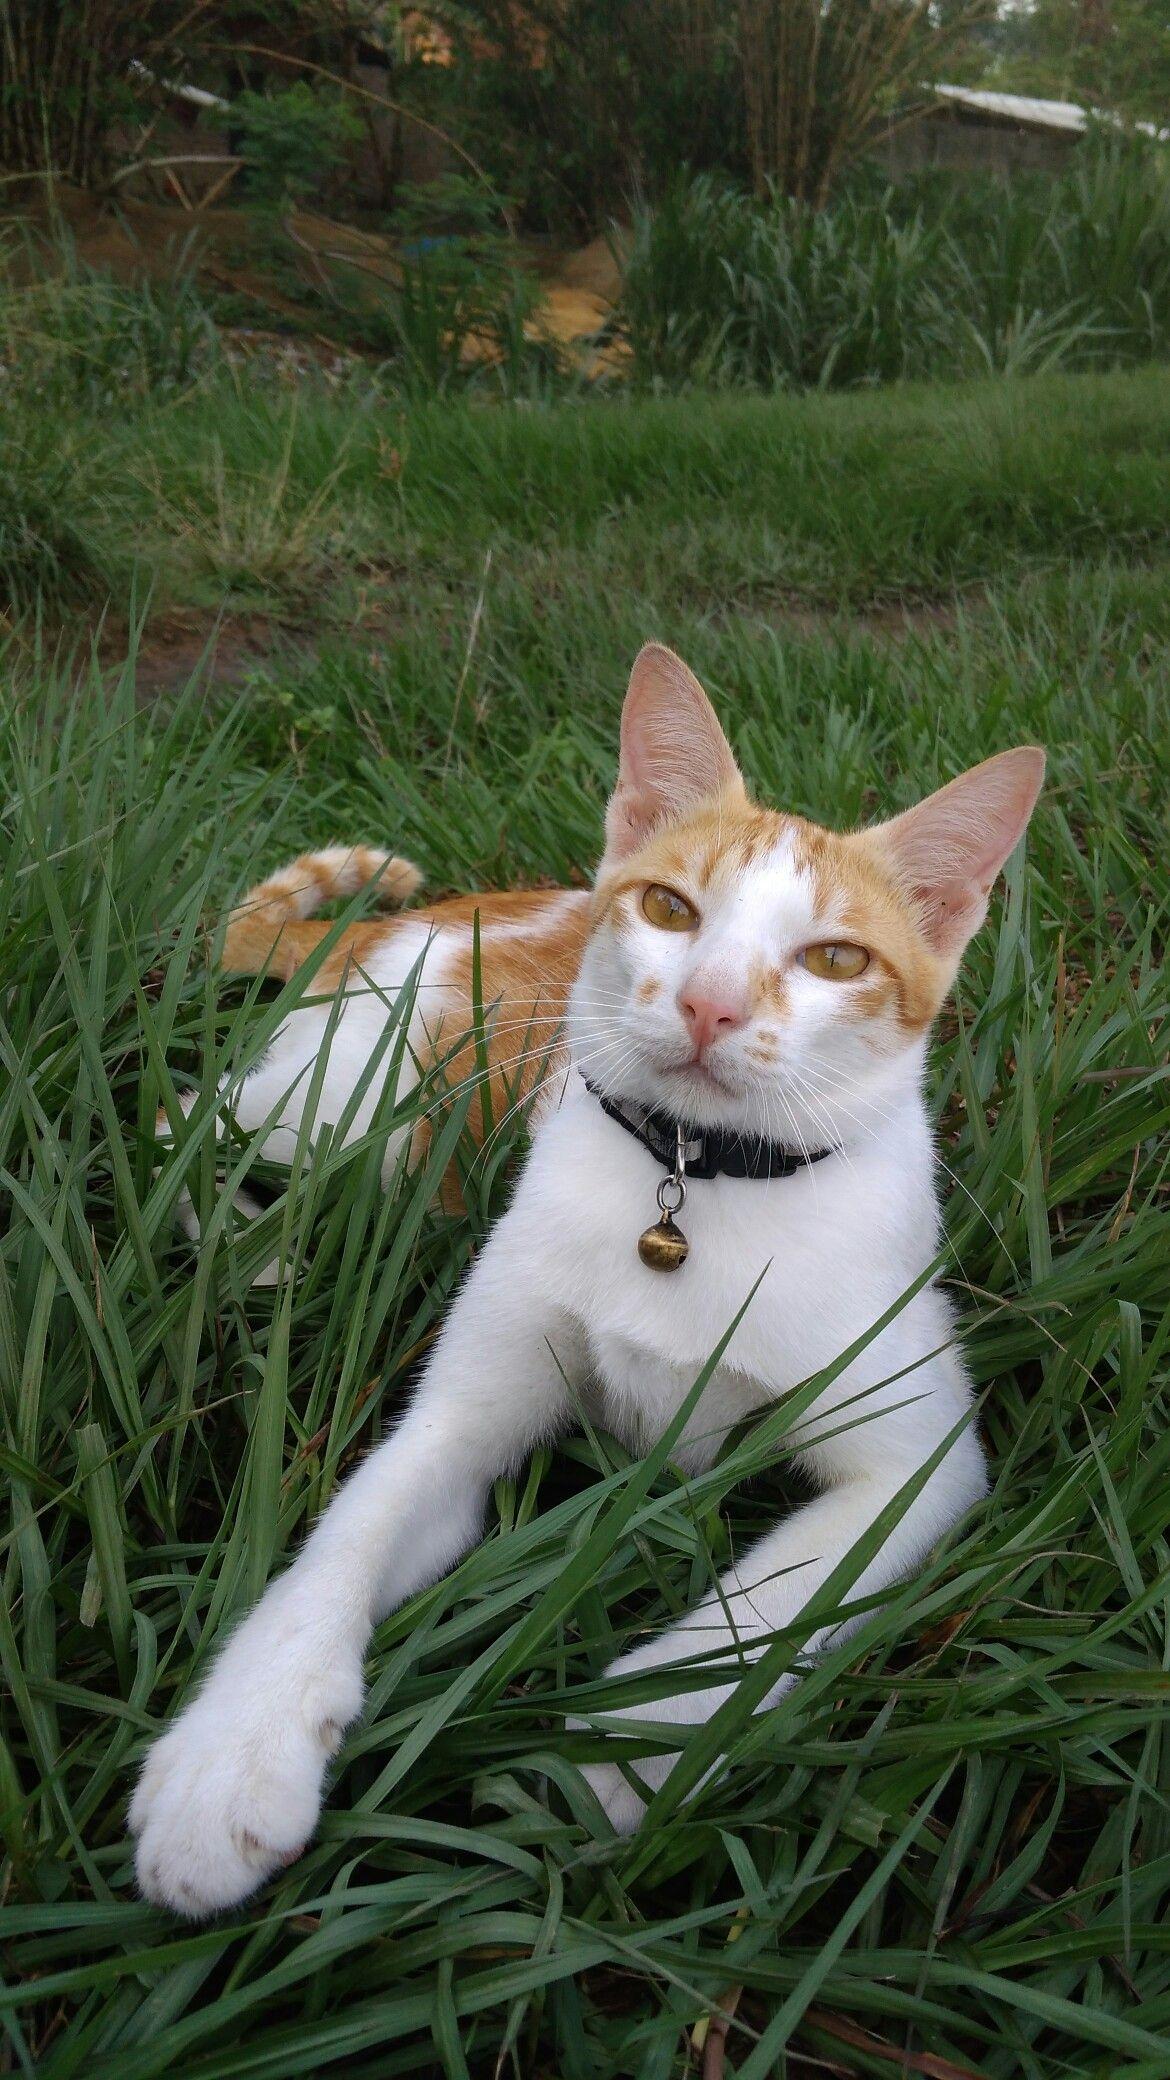 Pin Oleh Dian Di Konsep Karakter Kucing Lucu Kucing Konsep Karakter